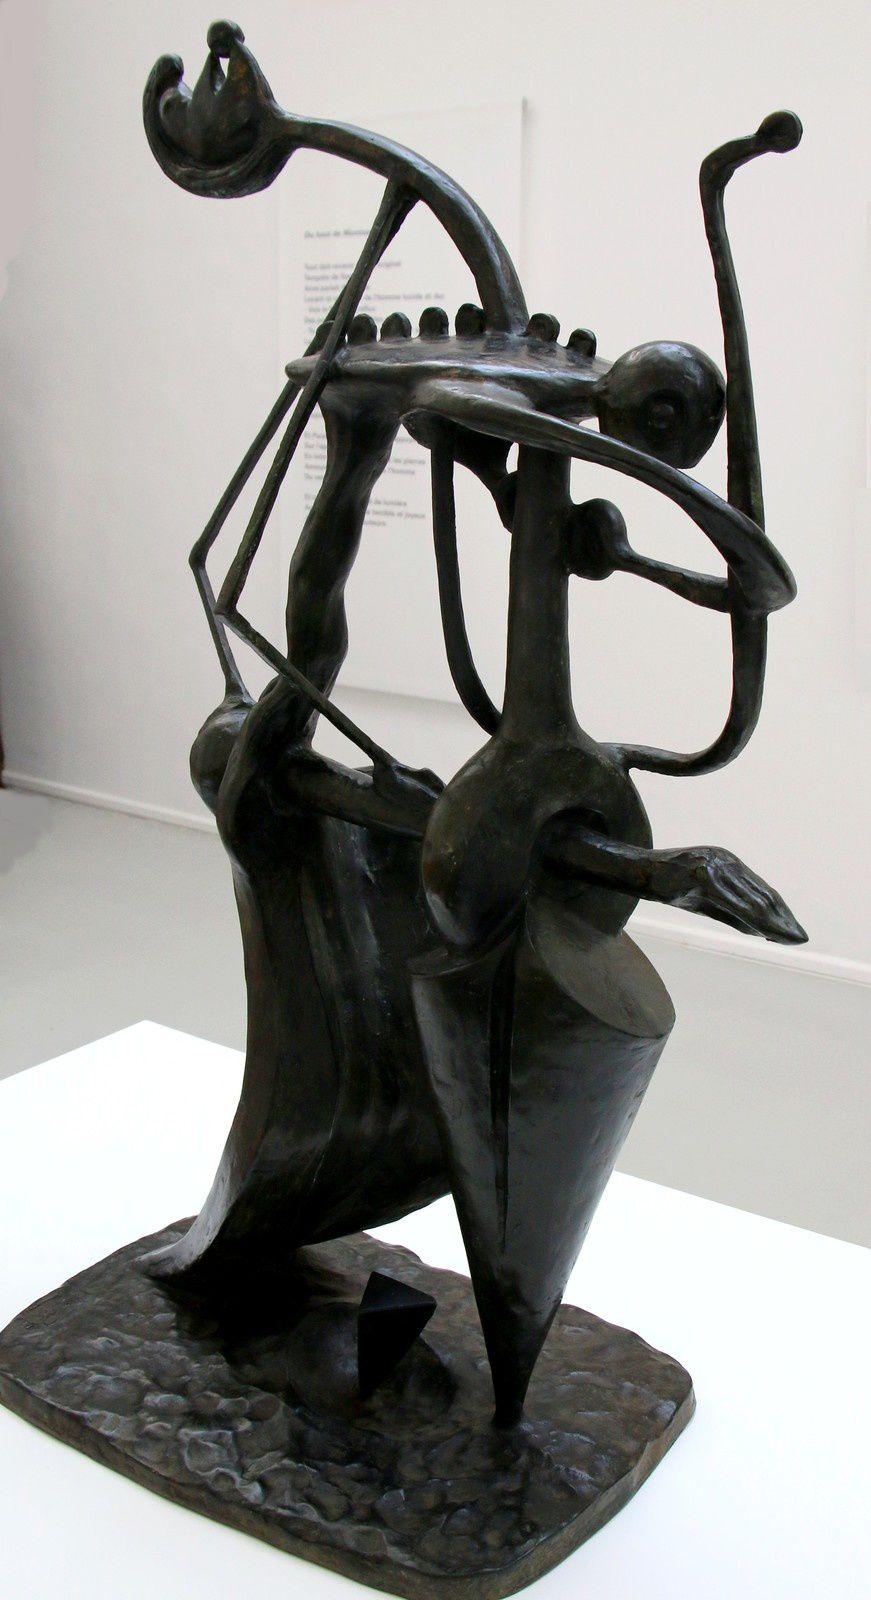 ANDRÉ MASSON, UN ARTISTE A CÉRET